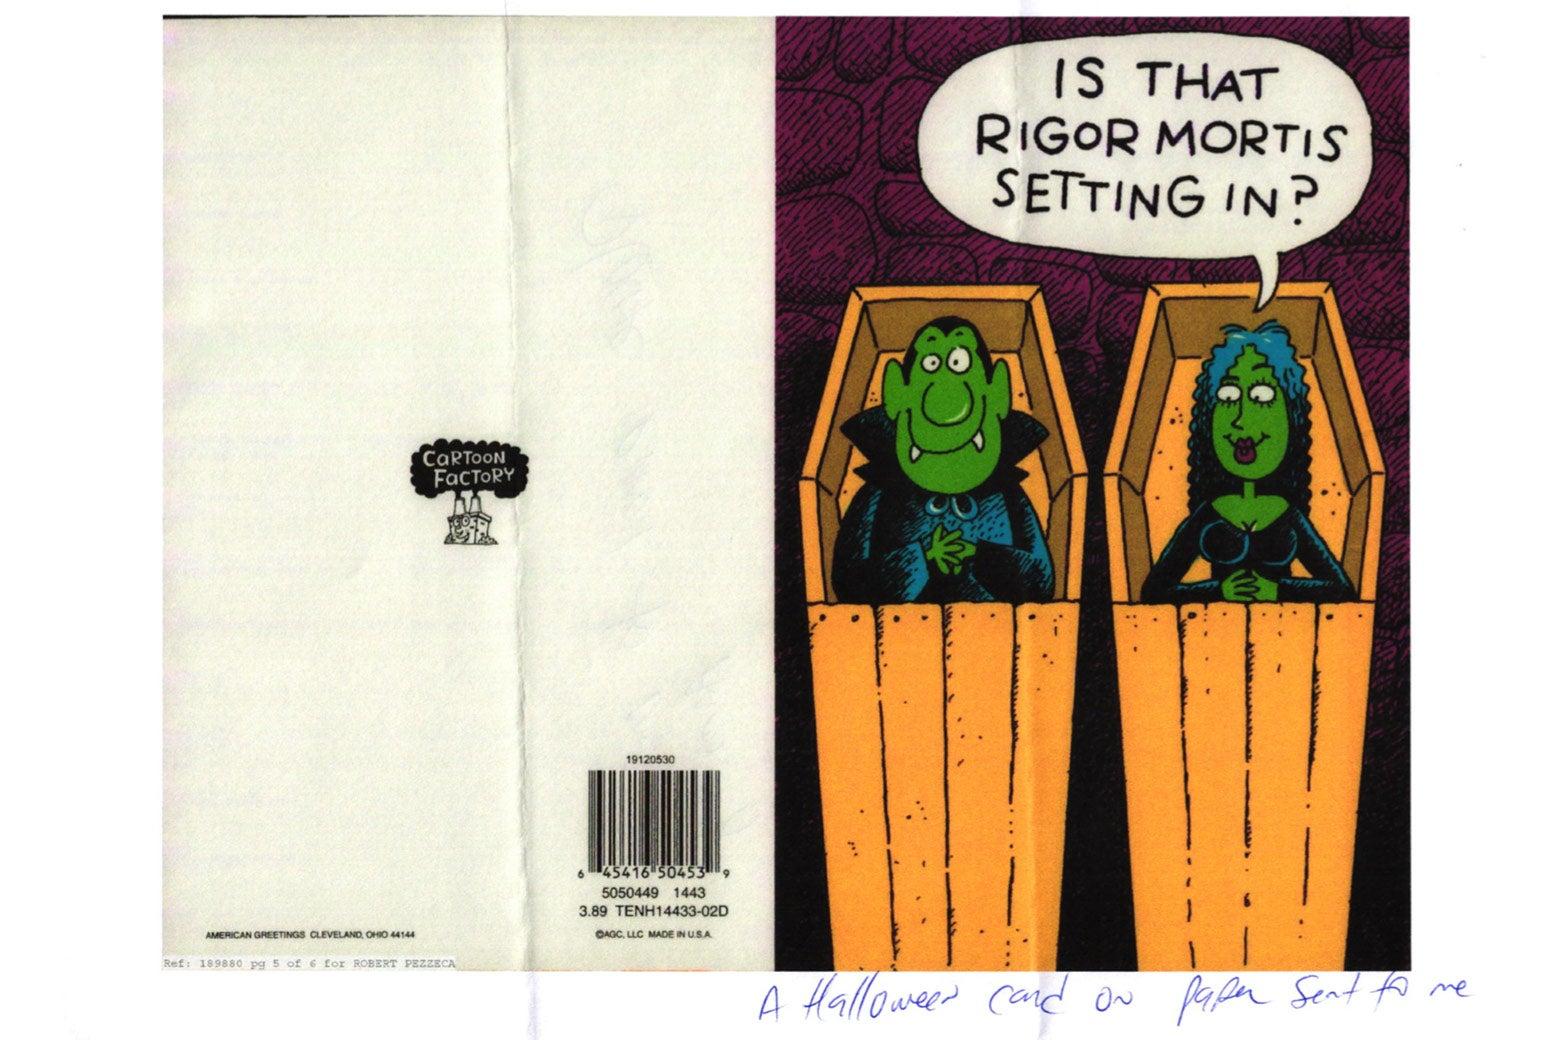 A scanned Halloween card sent to Robert Pezzeca.